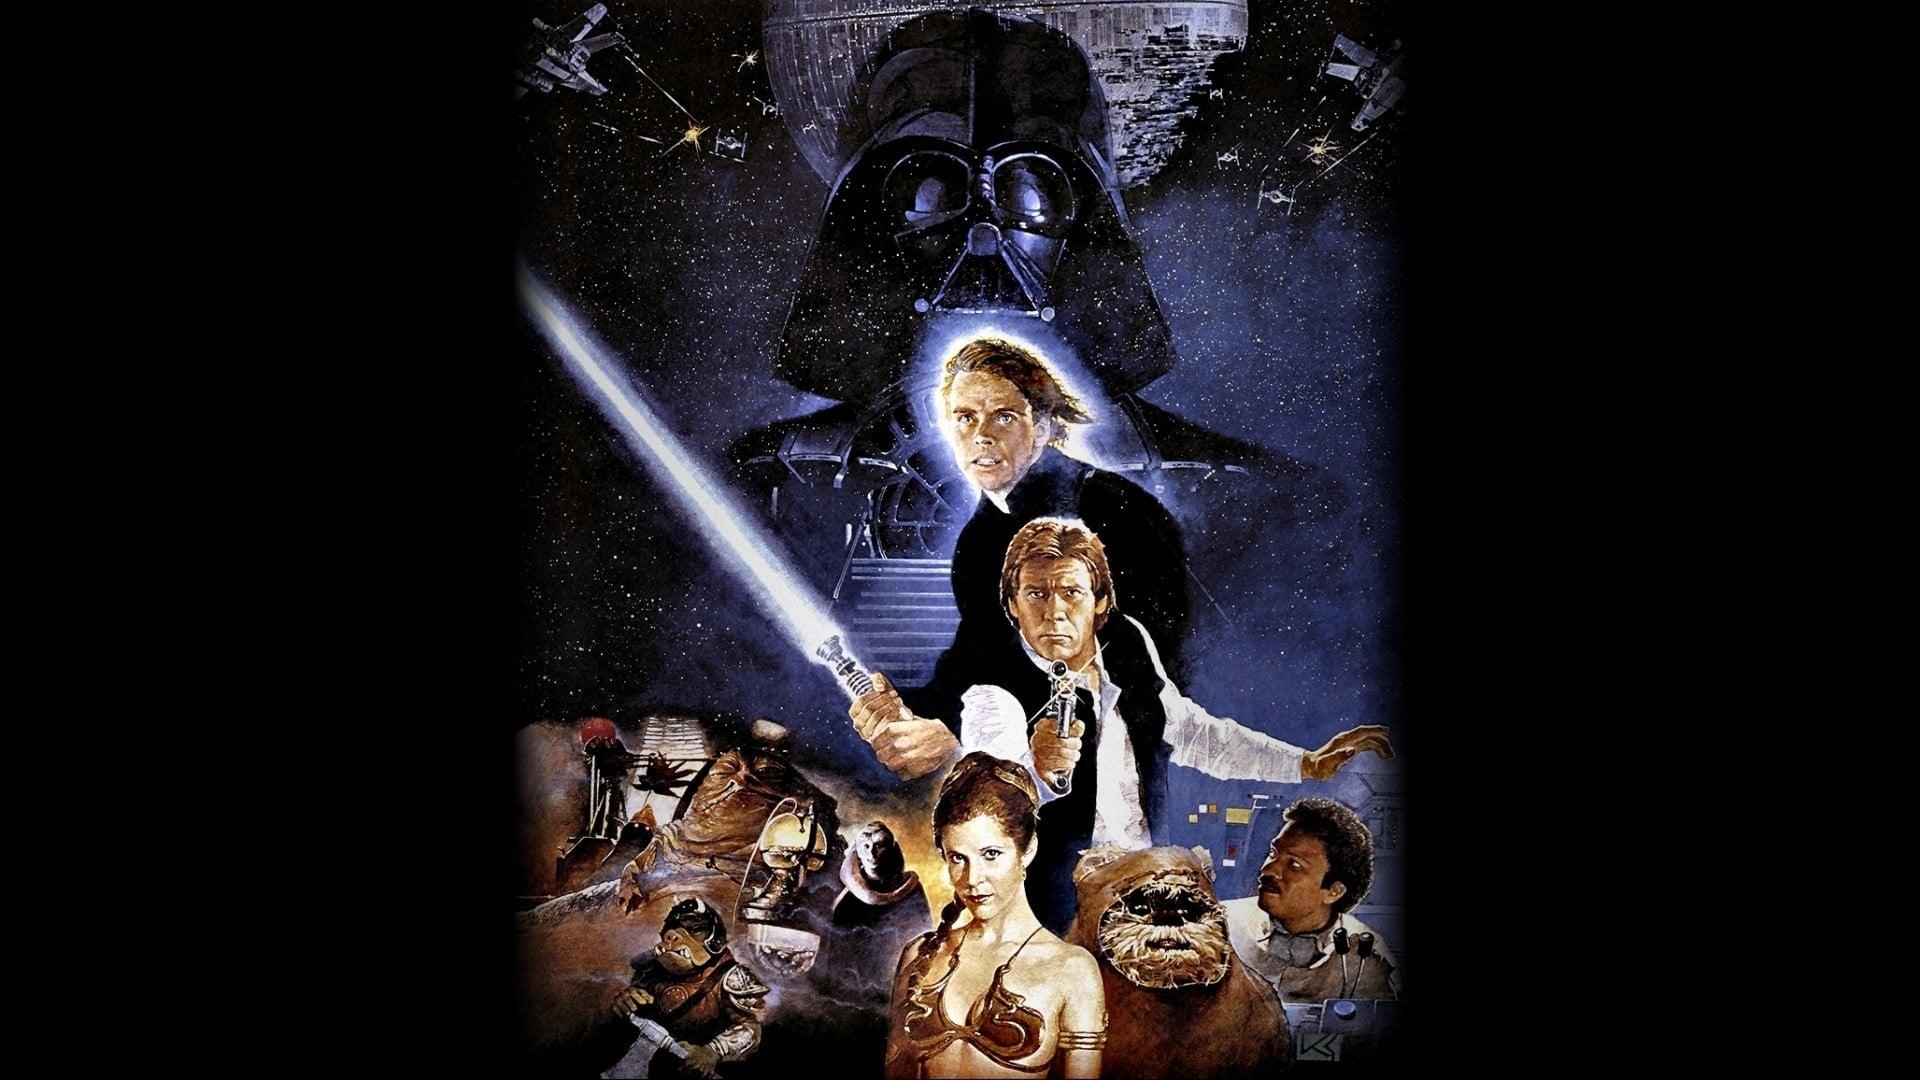 Star Wars – Episodio VI: El regreso del Jedi